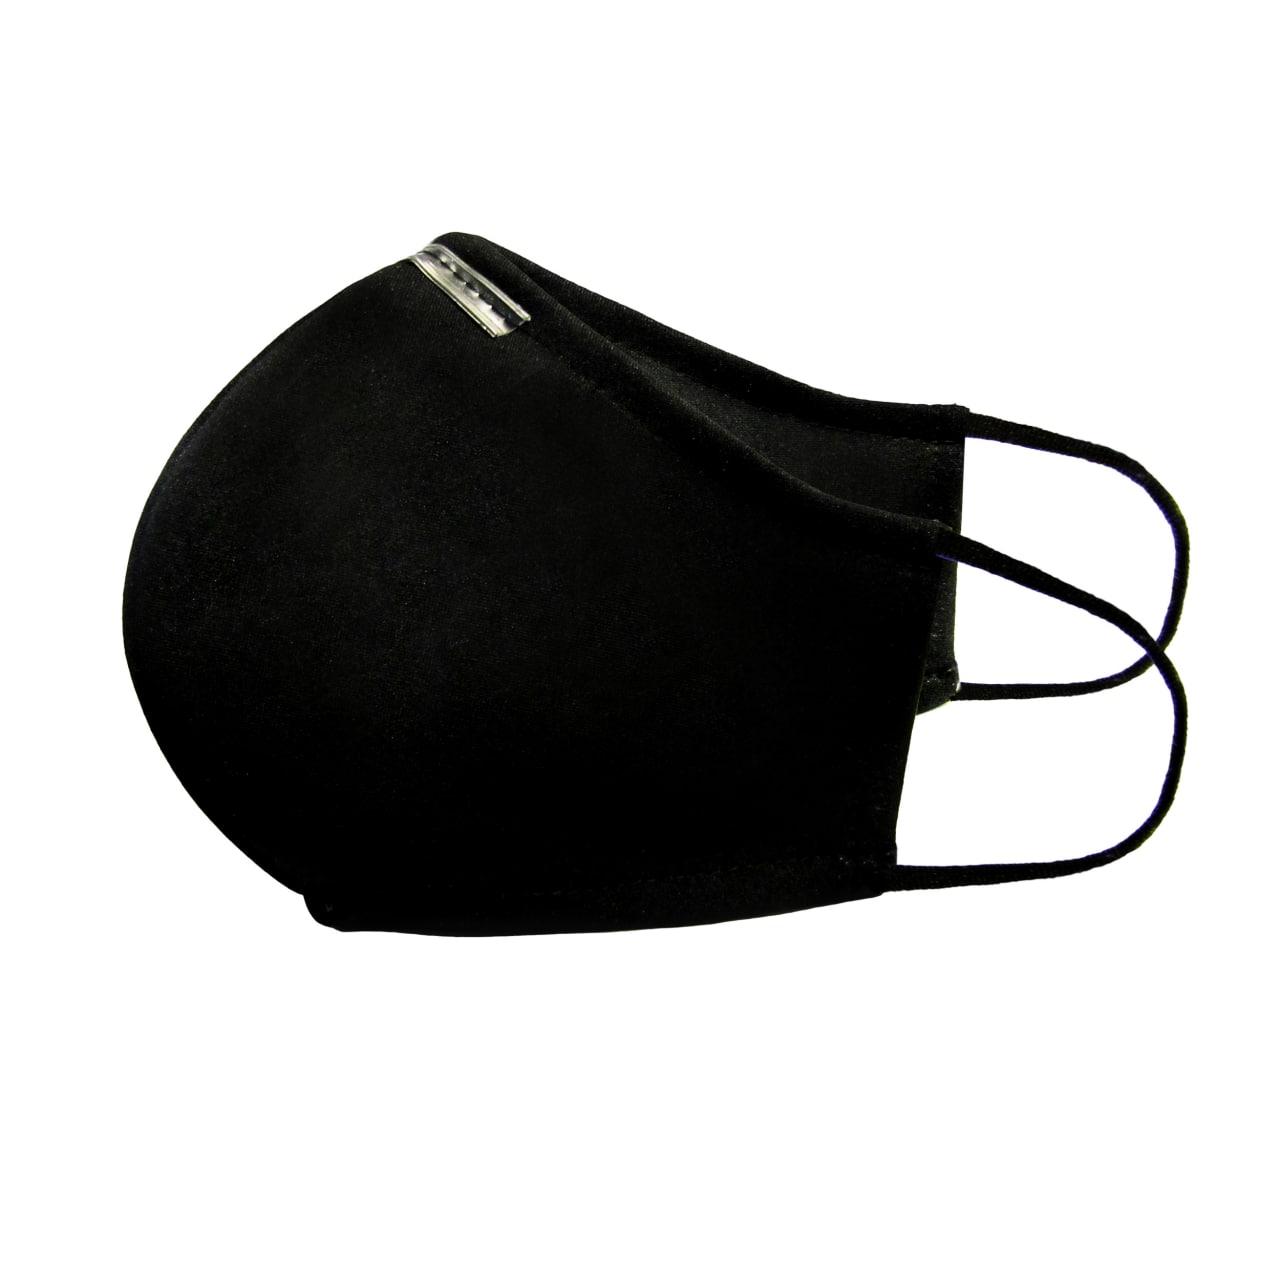 ماسک پارچه ای مدل mgh1 main 1 2